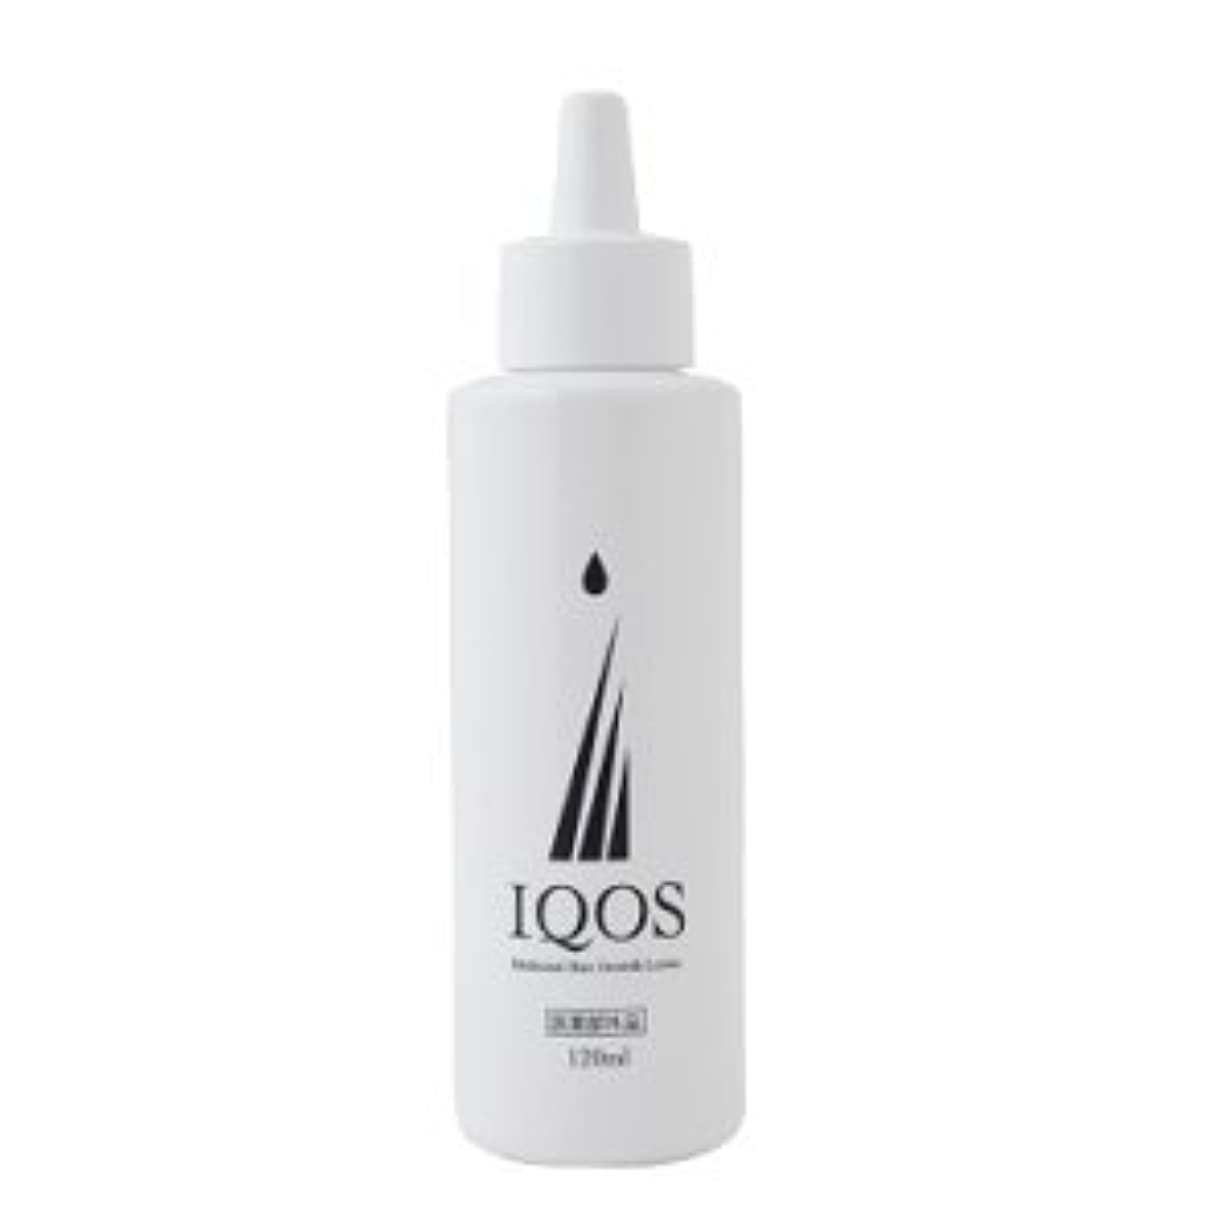 ずっと代表して登録するM-034を最大級配合 薬用育毛剤 IQOS イクオス 120ml